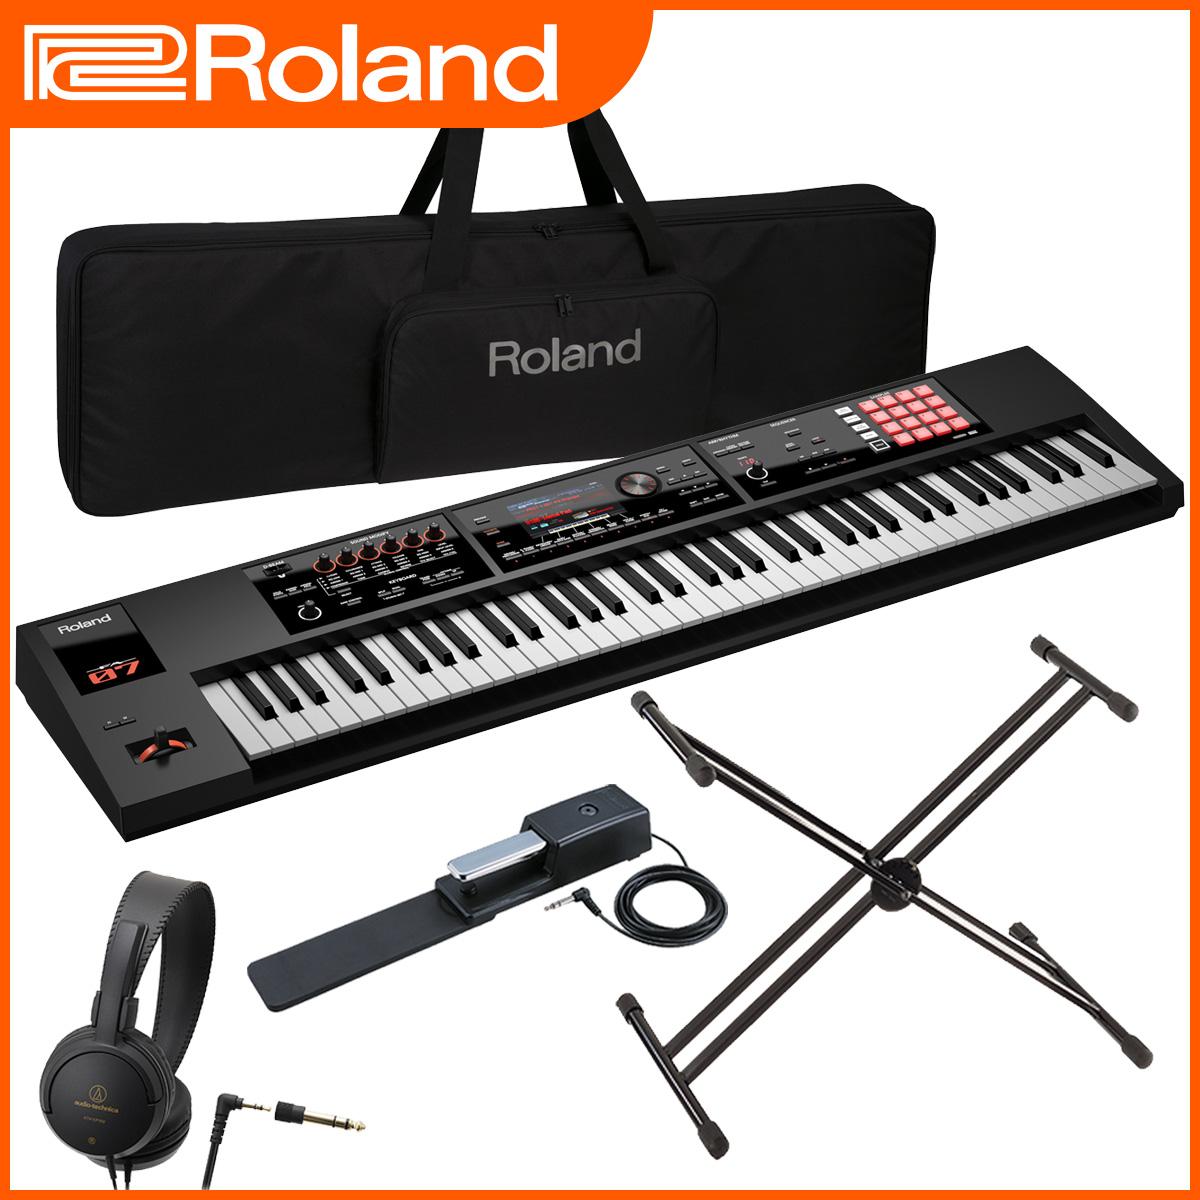 Roland ローランド / FA-07 Music Workstation 【スタートセット!】【オーバーレイシート付属】 76鍵盤 シンセサイザー 【YRK】《予約注文/10月下旬入荷予定》